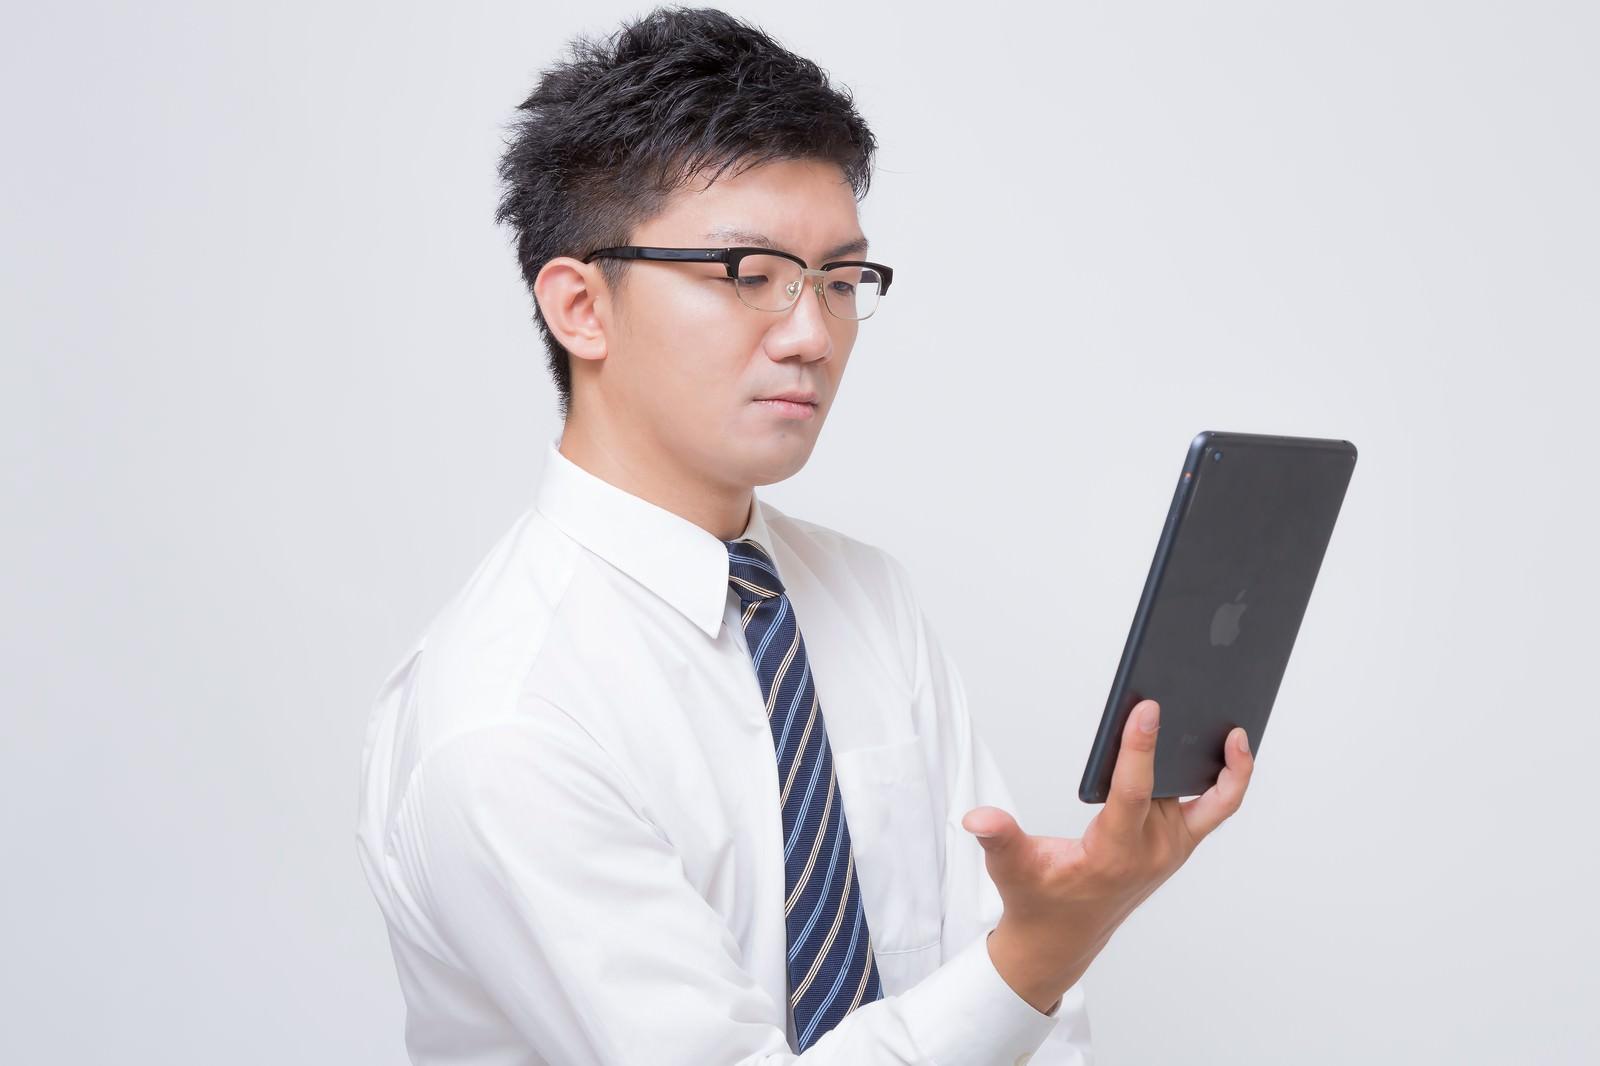 ãiPad mini ã§é»åæ¸ç±ã読ããã¸ãã¹ãã³iPad mini ã§é»åæ¸ç±ã読ããã¸ãã¹ãã³ãï¼»ã¢ãã«ï¼OZPAï¼½ã®ããªã¼åçç´æãæ¡å¤§